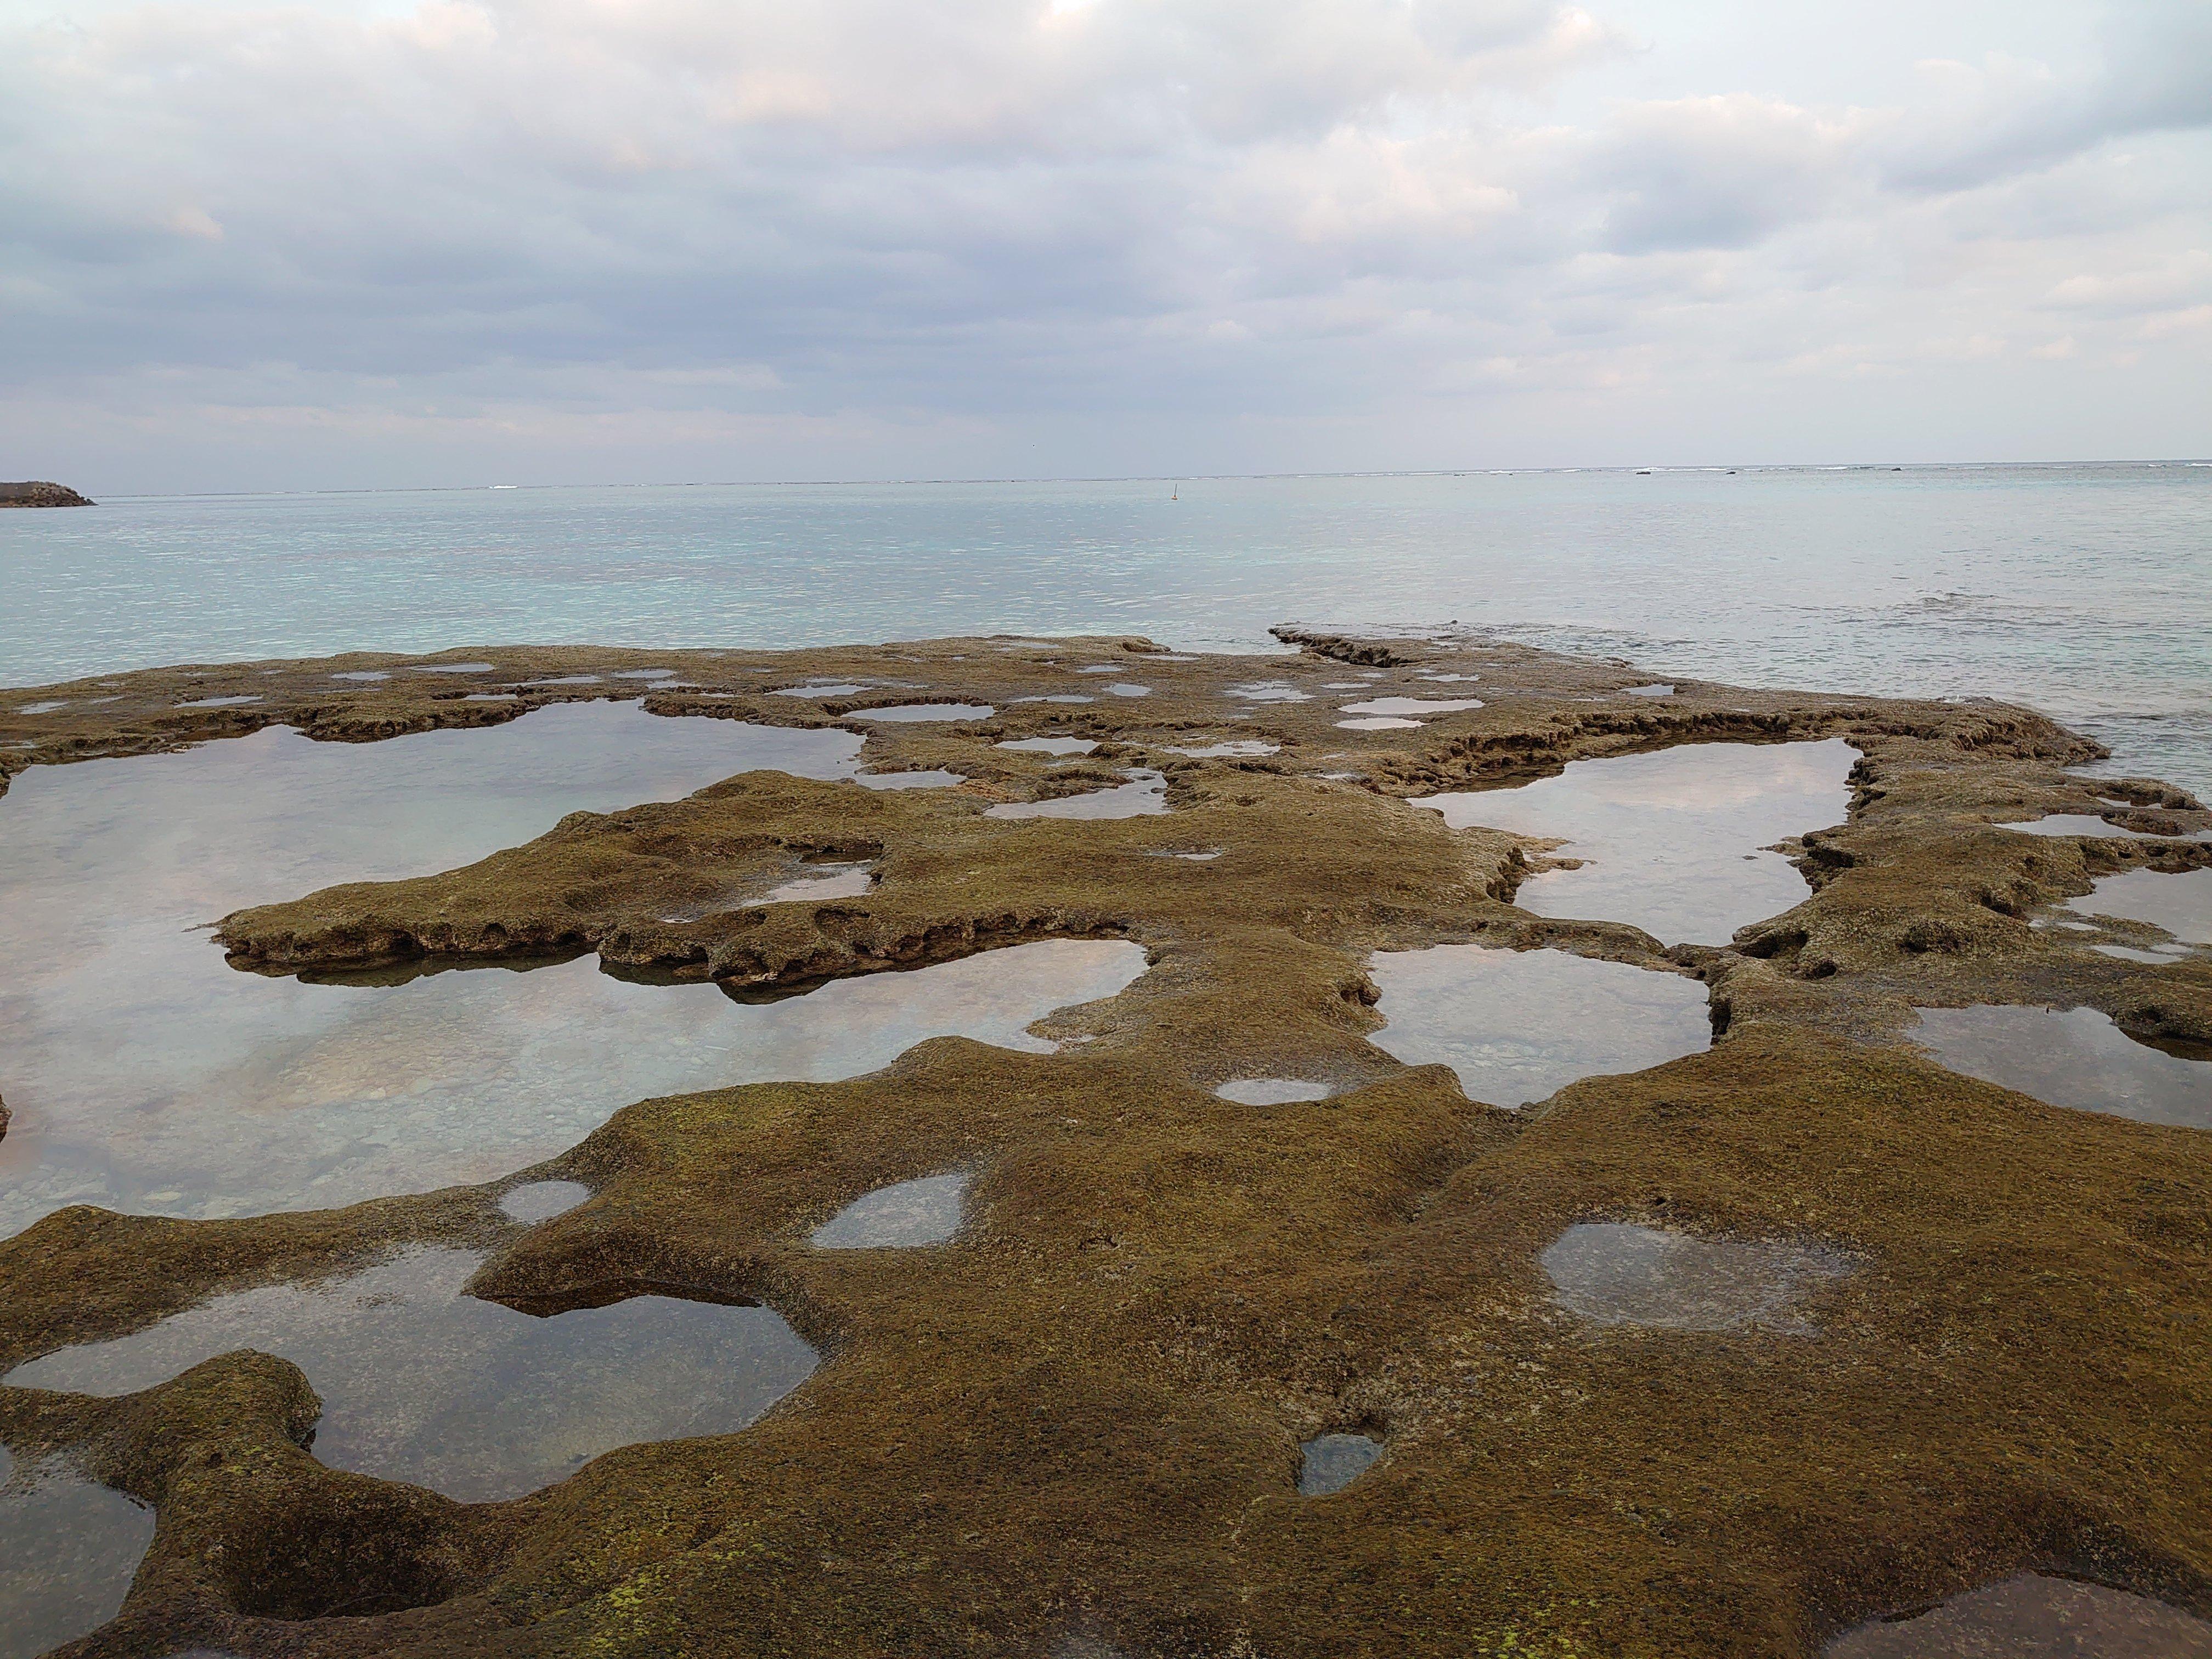 奄美群島認定エコツアーガイドがご案内する与論島内巡りツアー「午後コース」【現地決済のみ】のイメージその3